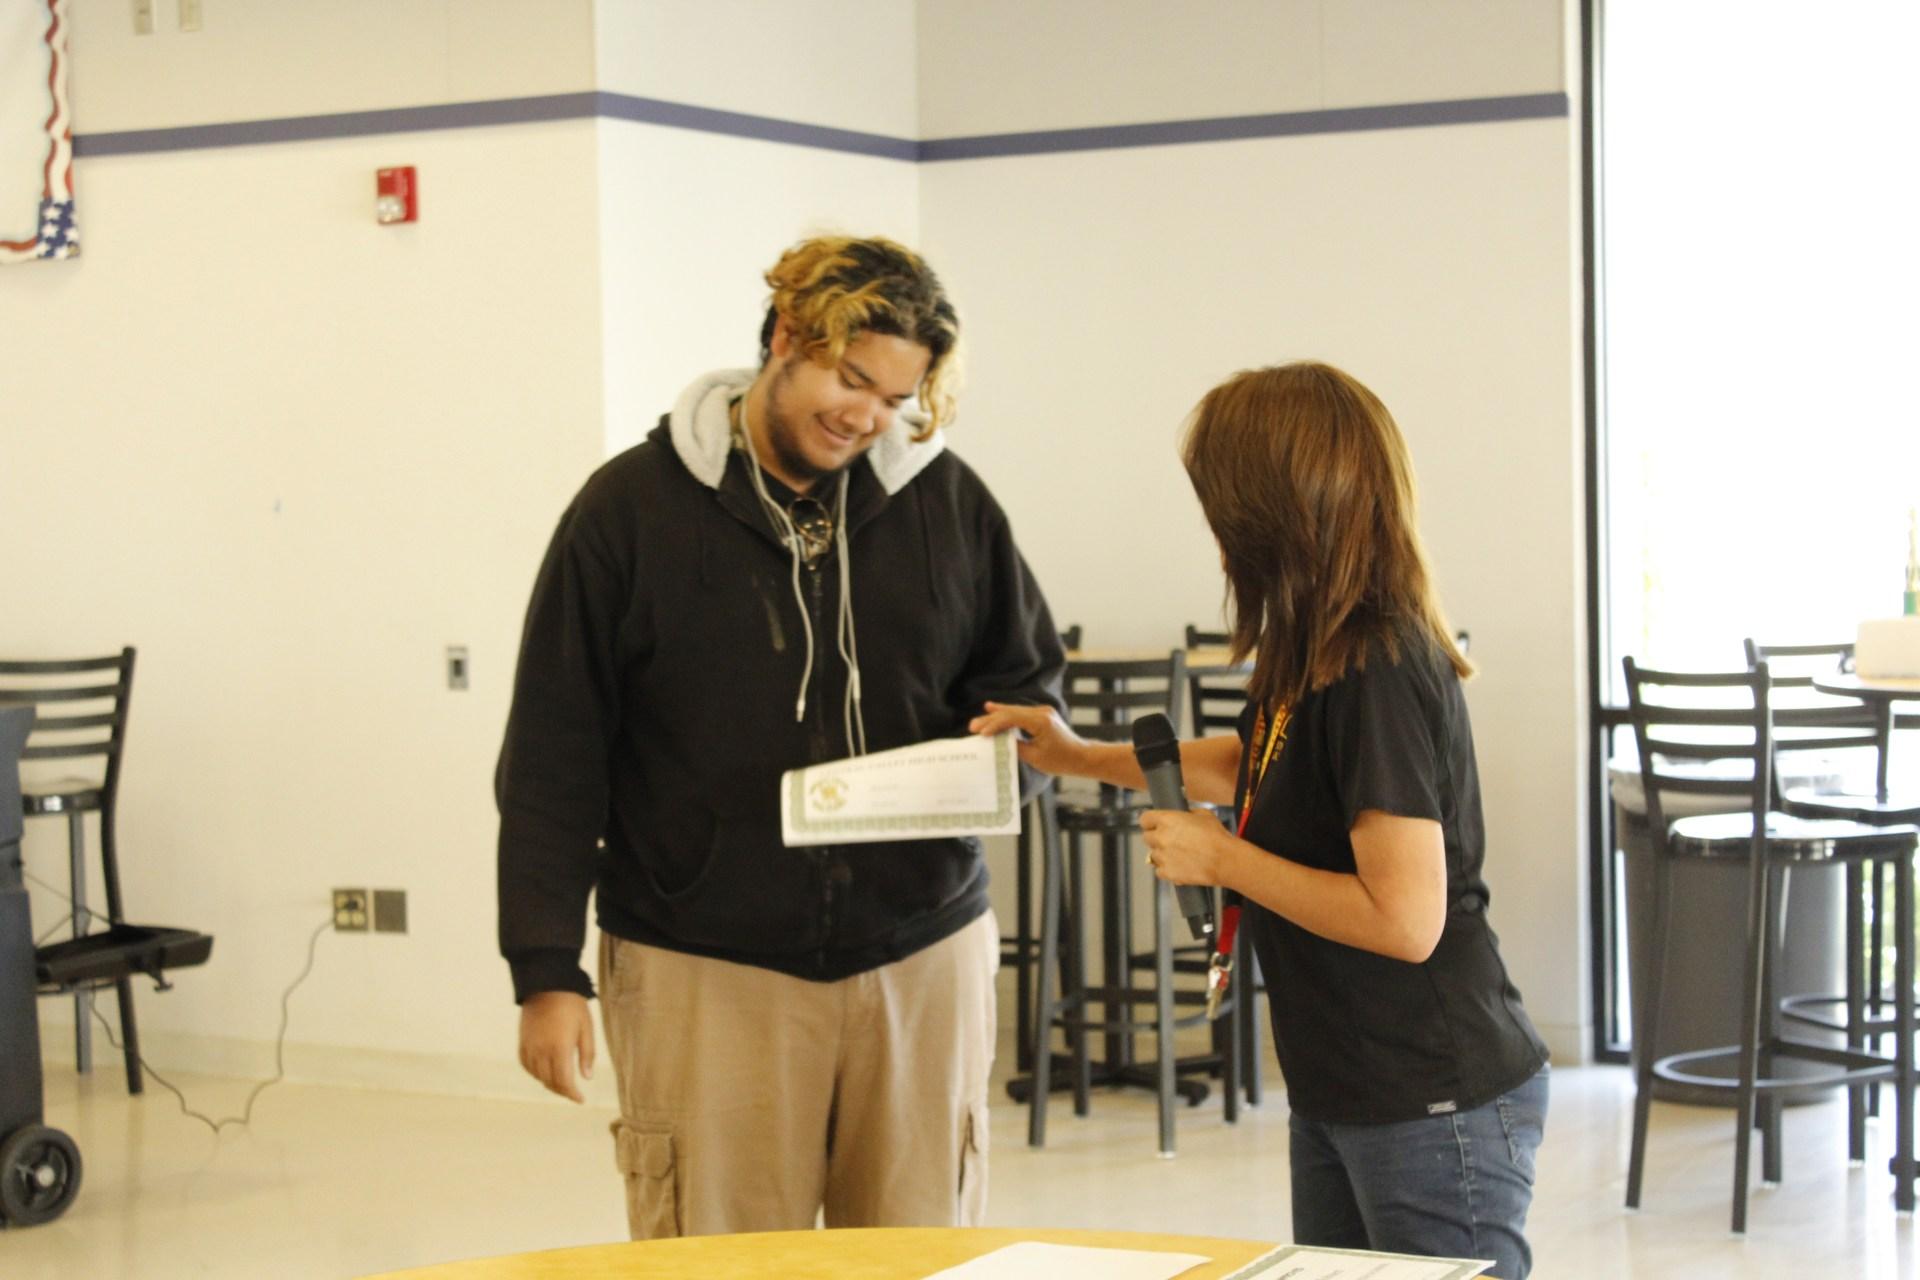 Sam Romo receiving an Award from Mrs. G